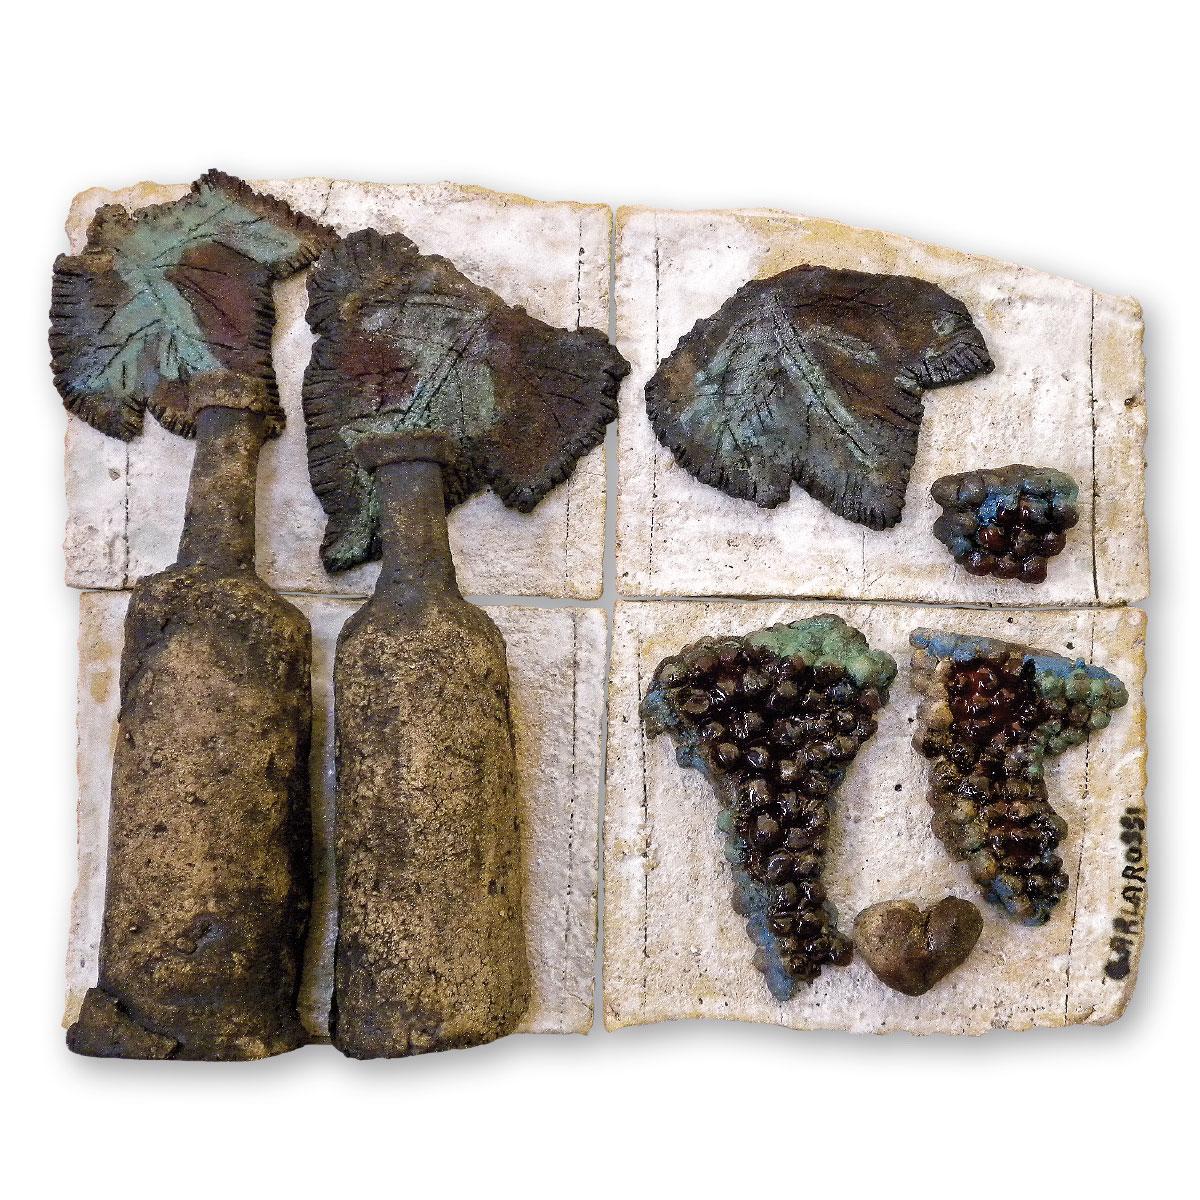 L'opera dell'artista Carla Rossi acquisita dal Museo a cielo aperto di Denice, dedicato alla ceramica contemporanea